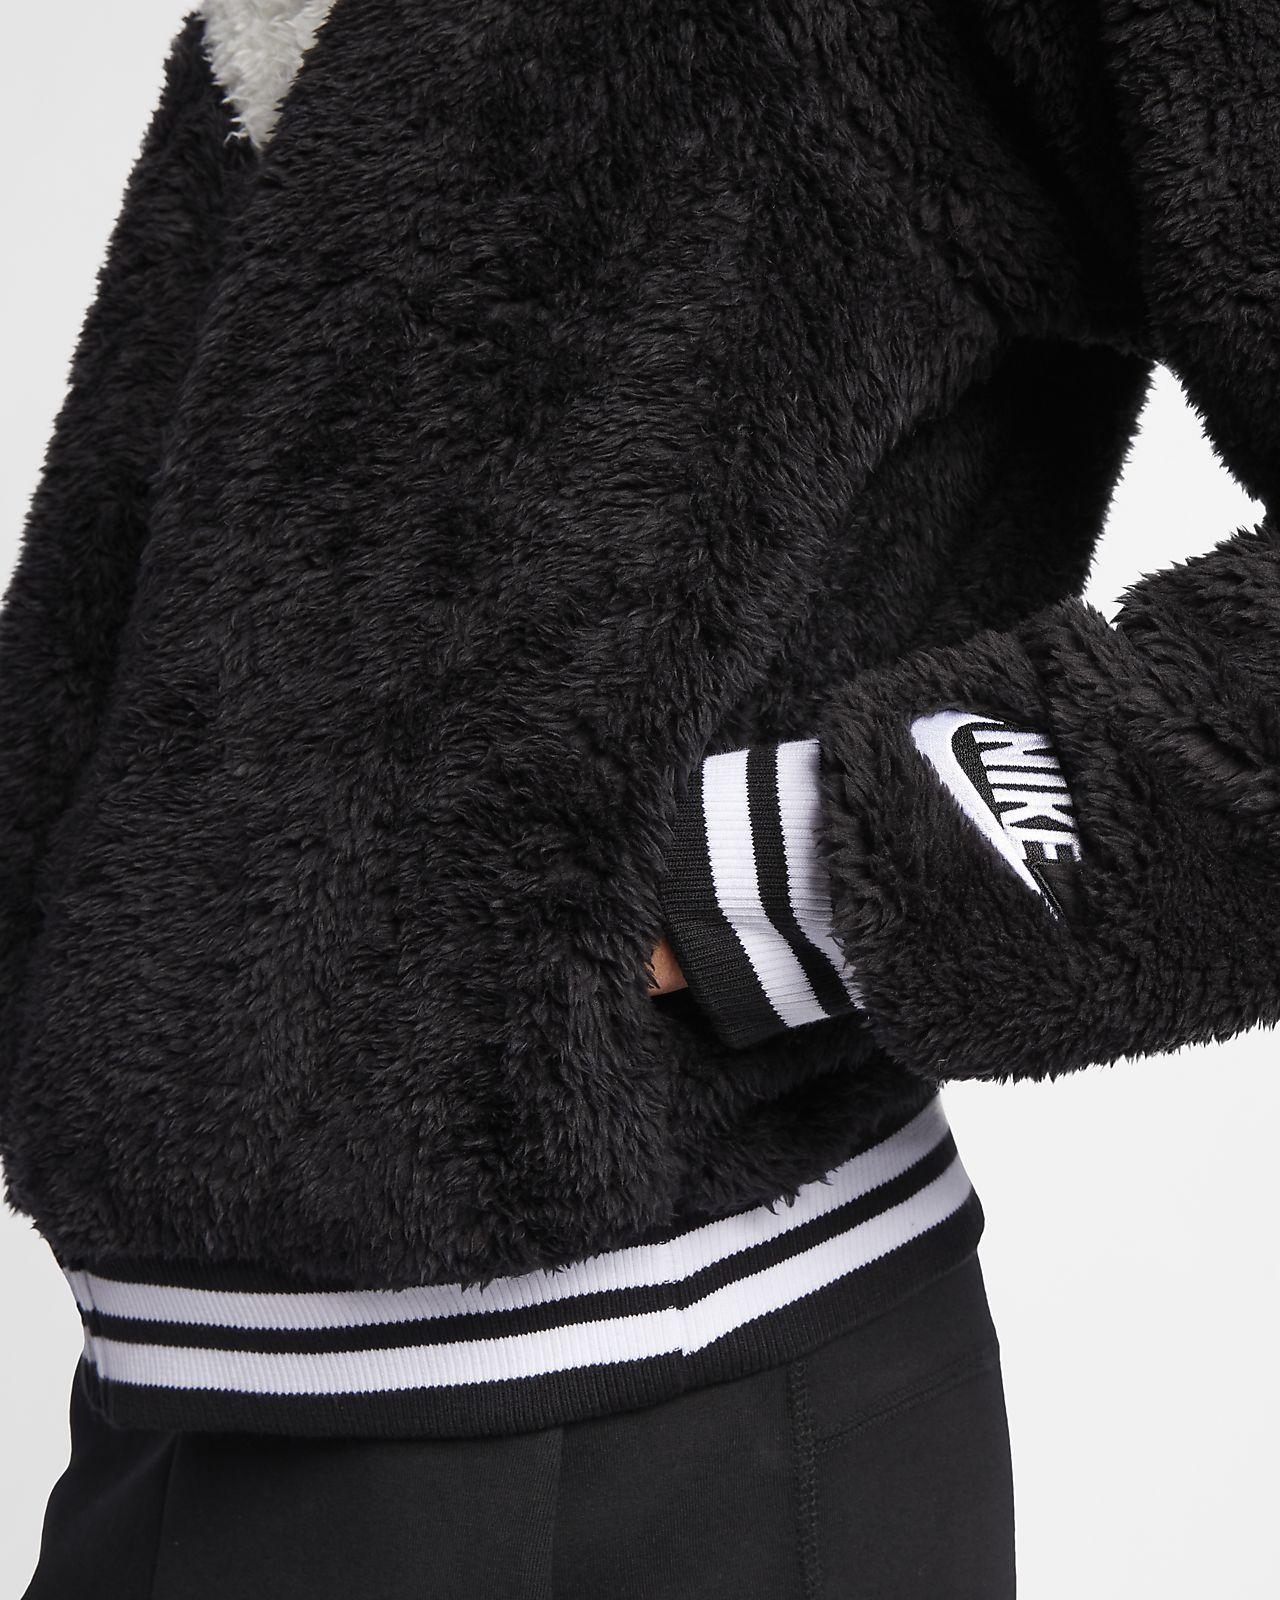 180ad9dd940 Nike Sportswear Women s Sherpa Bomber Jacket. Nike.com